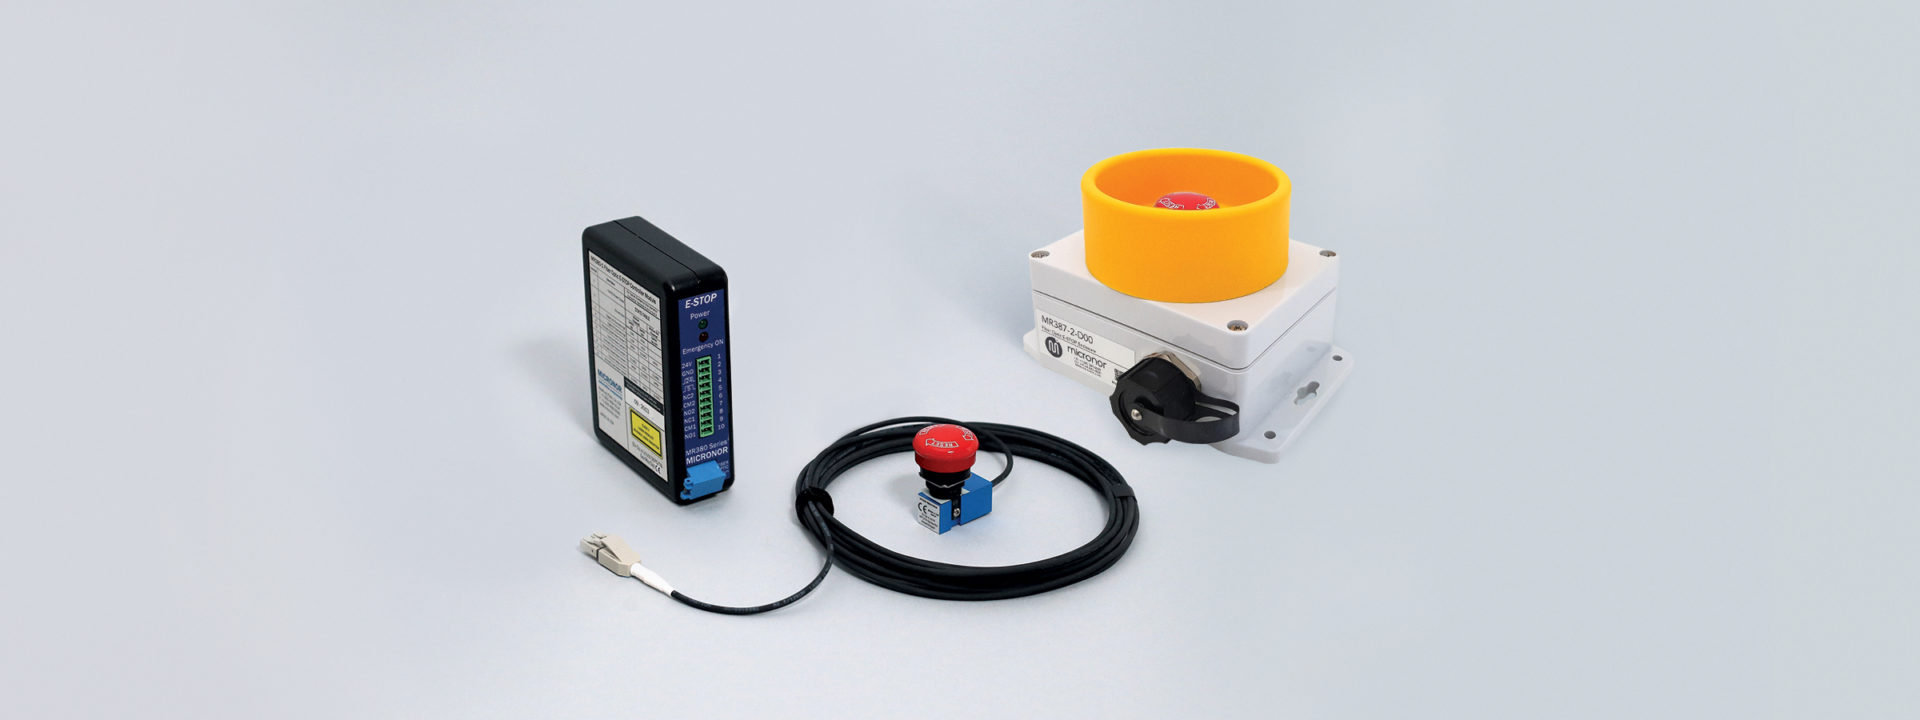 MR380 Series Fiber Optic Emergency Stop